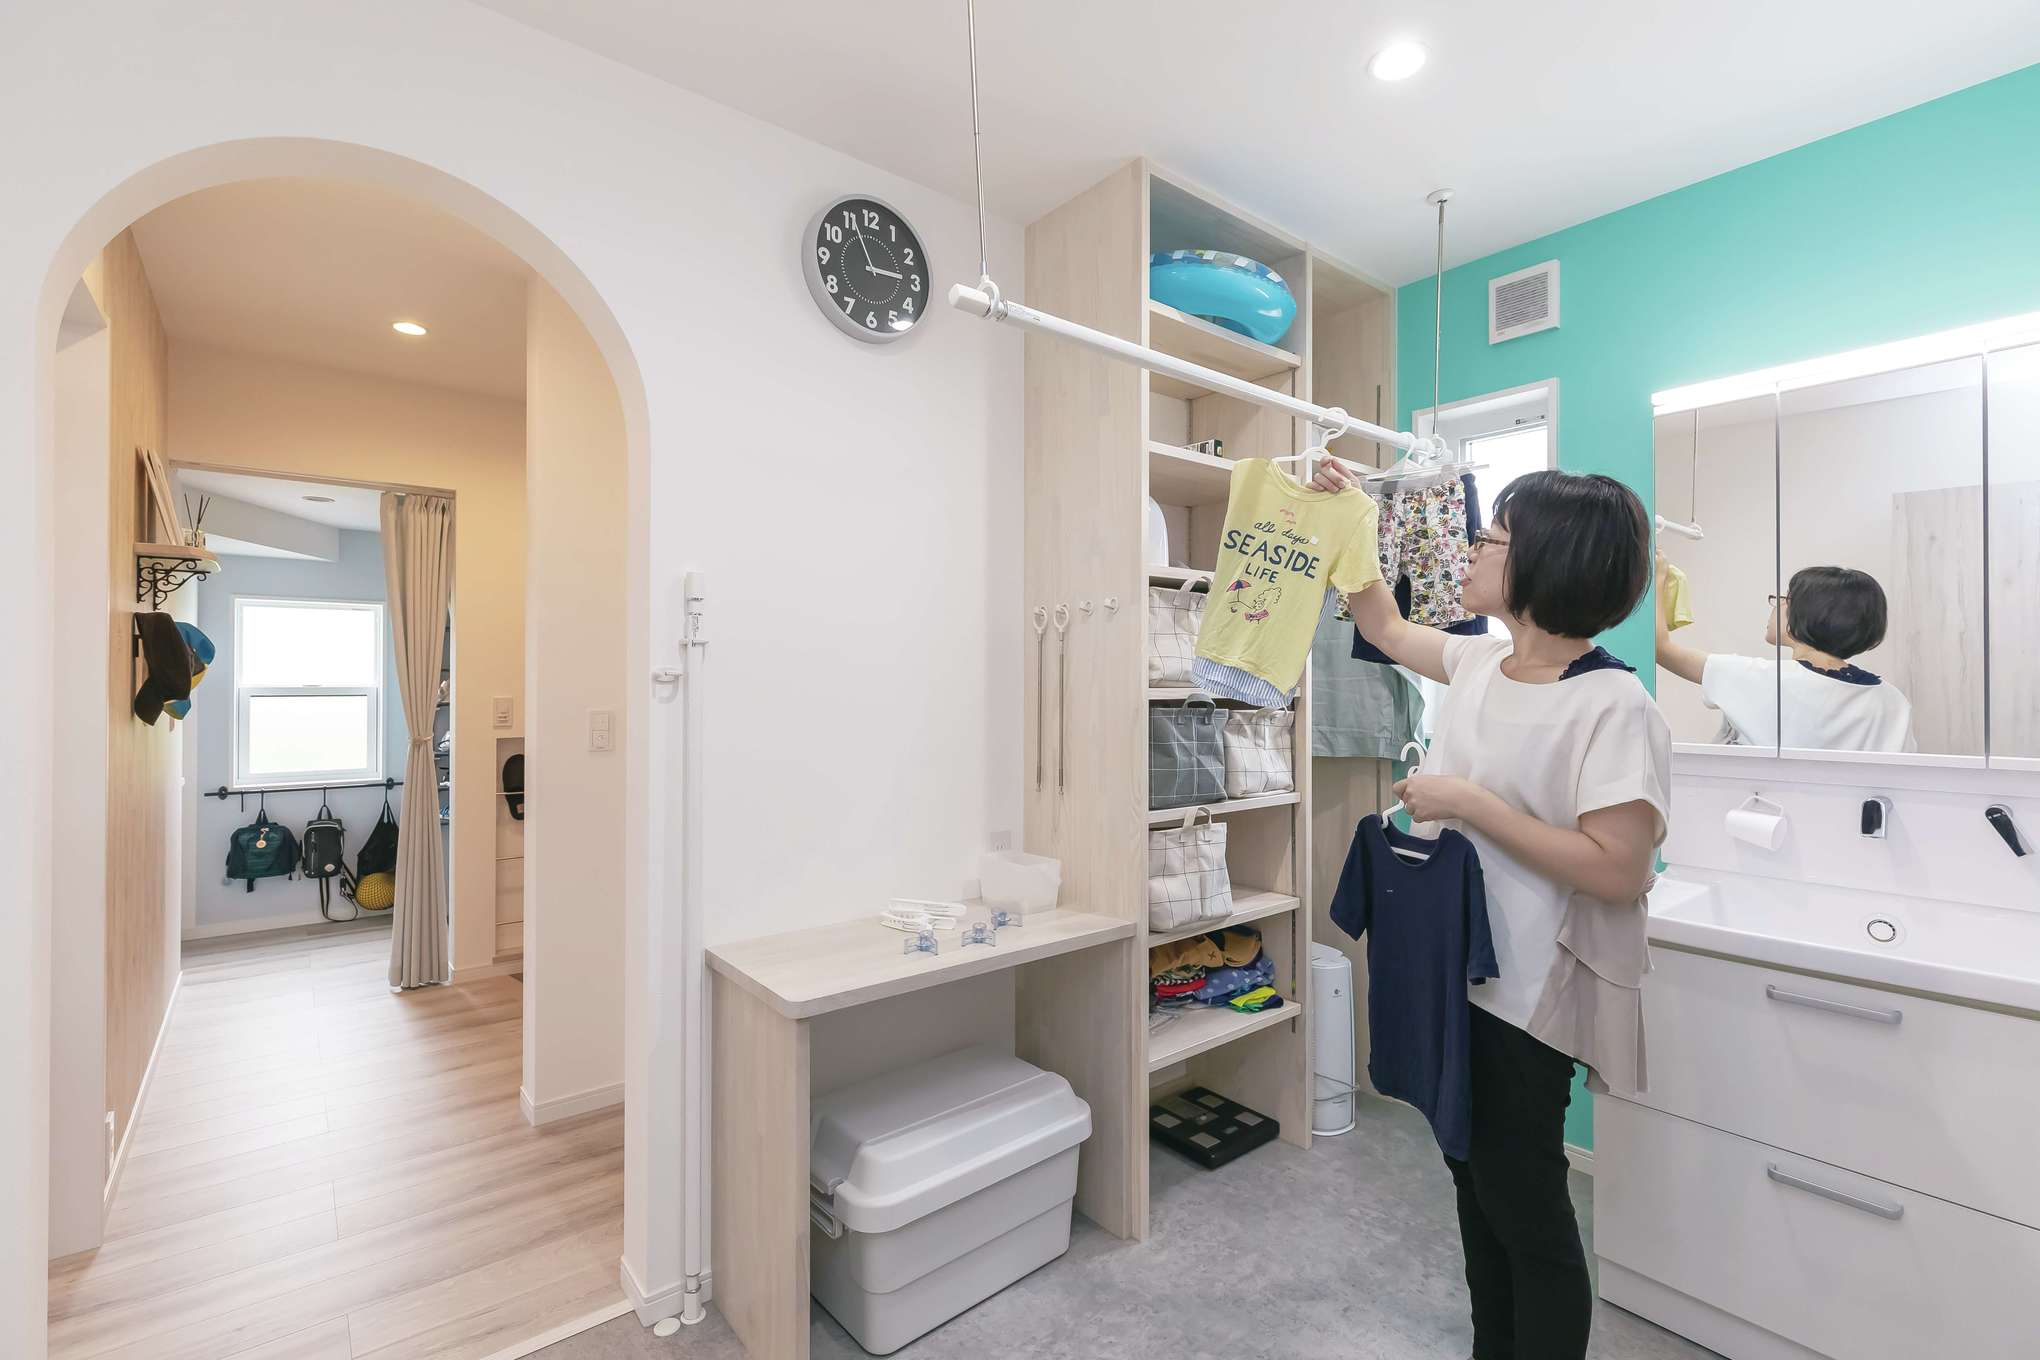 原田工務店【デザイン住宅、子育て、間取り】ティファニーブルーのクロスが映える洗面コーナーには室内干しや収納棚を設けてあり、「洗う・干す・しまう」が一か所でできる。玄関からの動線も便利